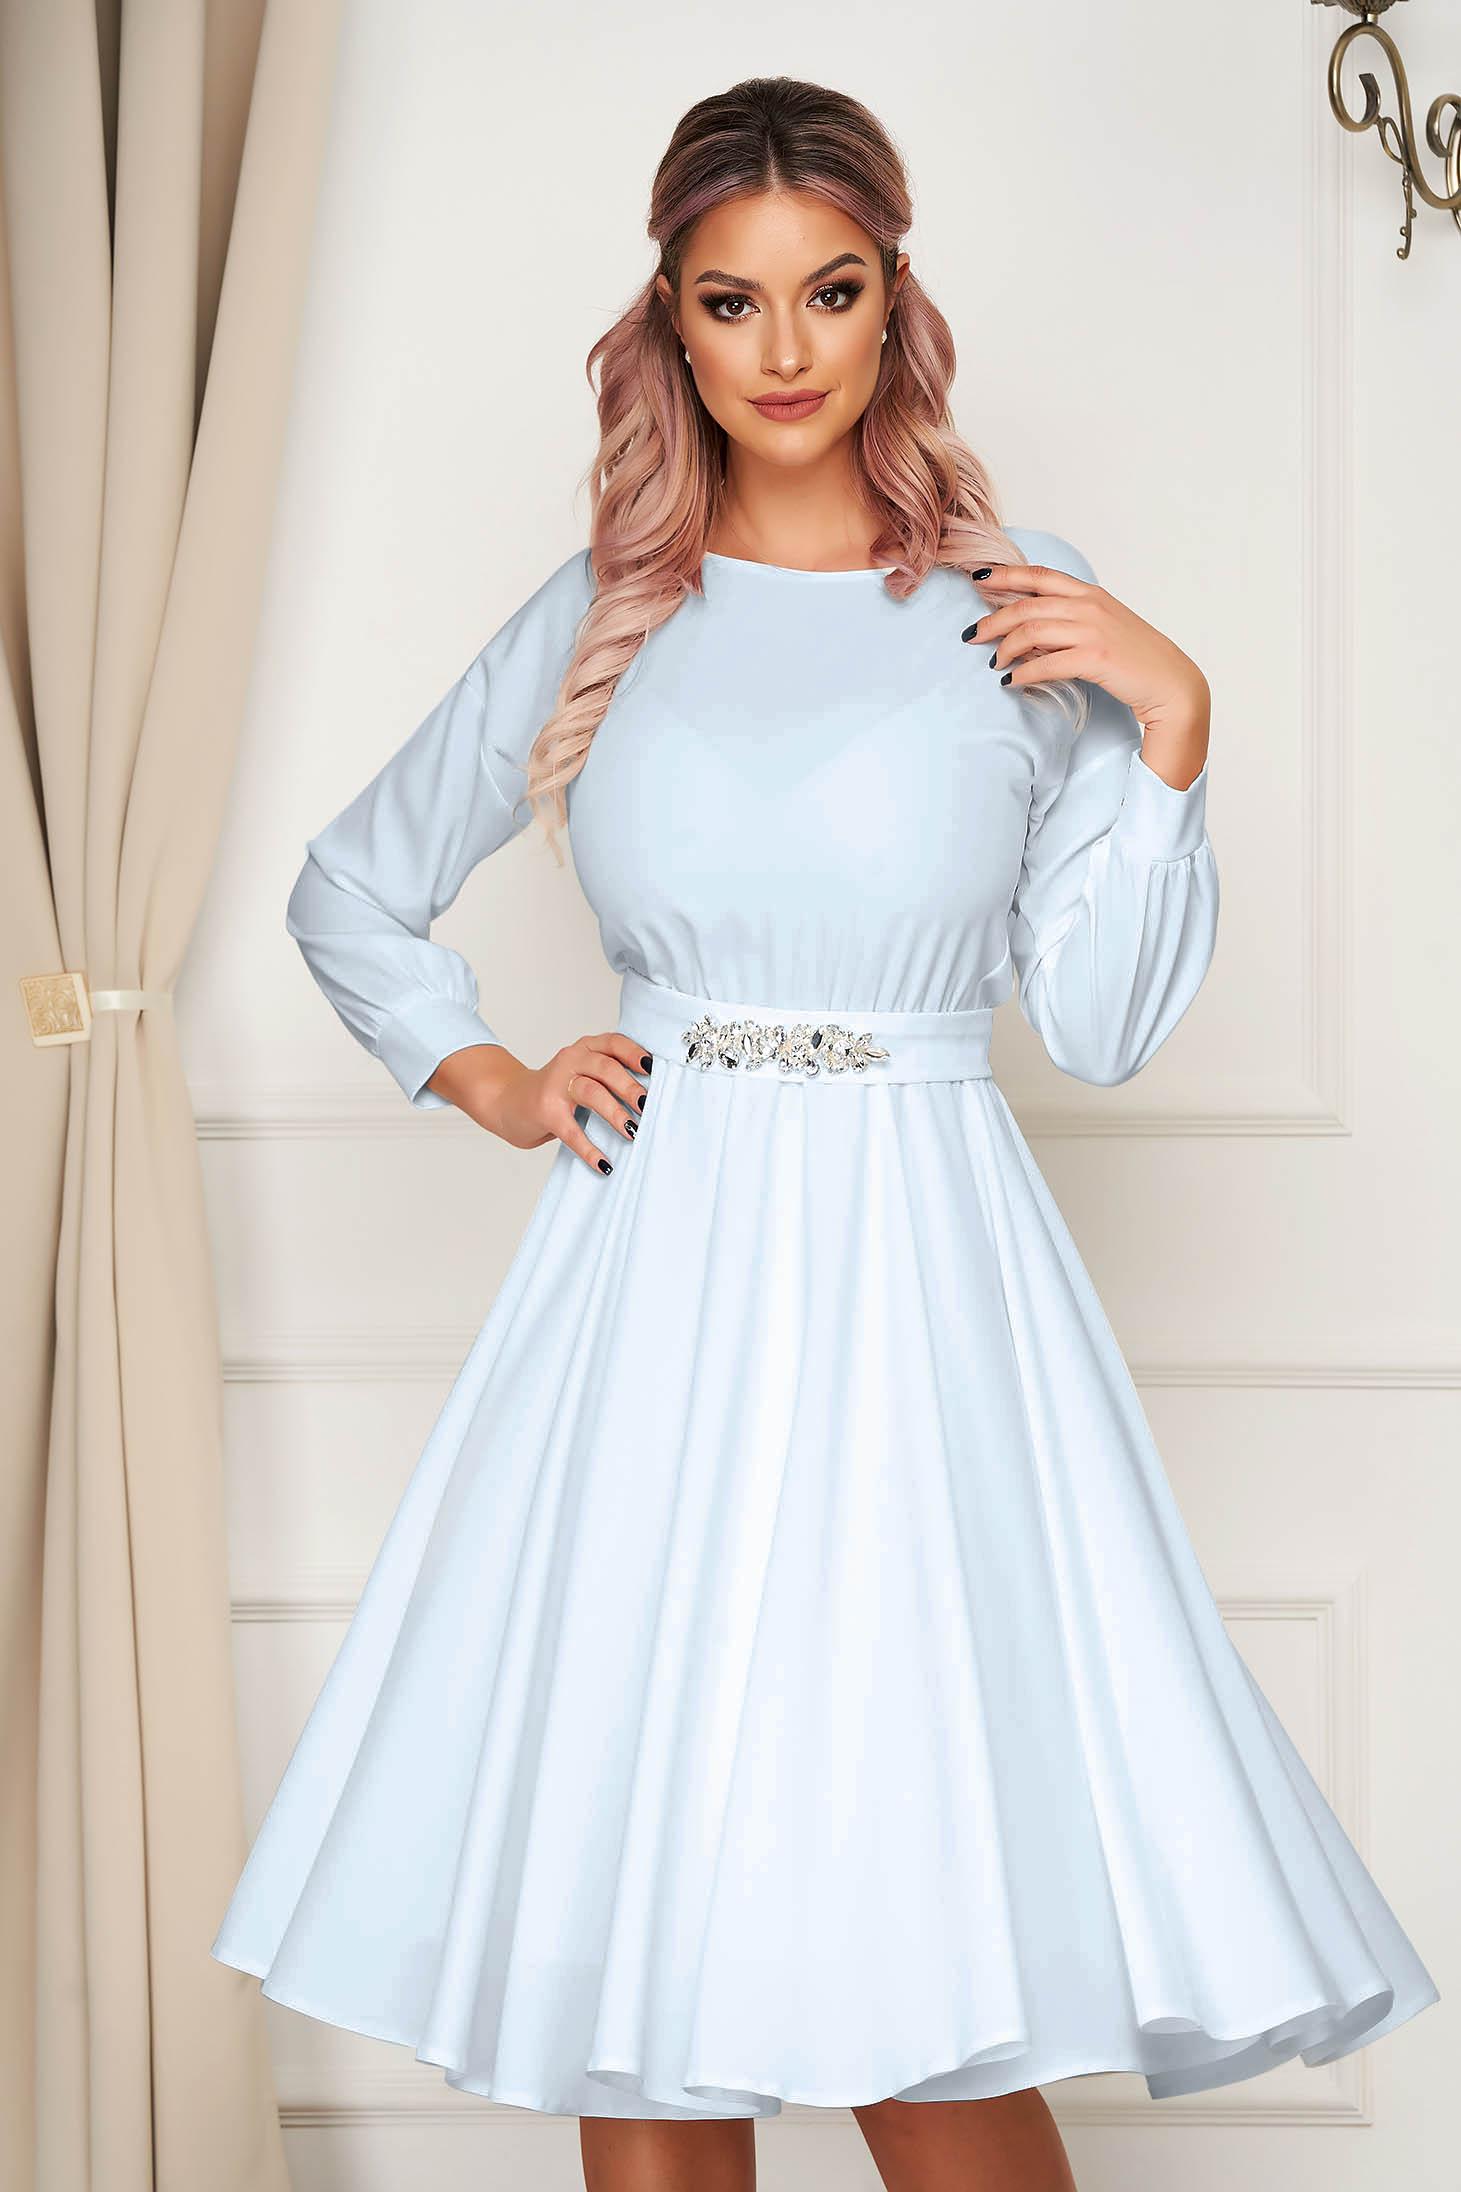 Rochie StarShinerS albastru-deschis de ocazie in clos cu elastic in talie accesorizata cu cordon si pietre stras